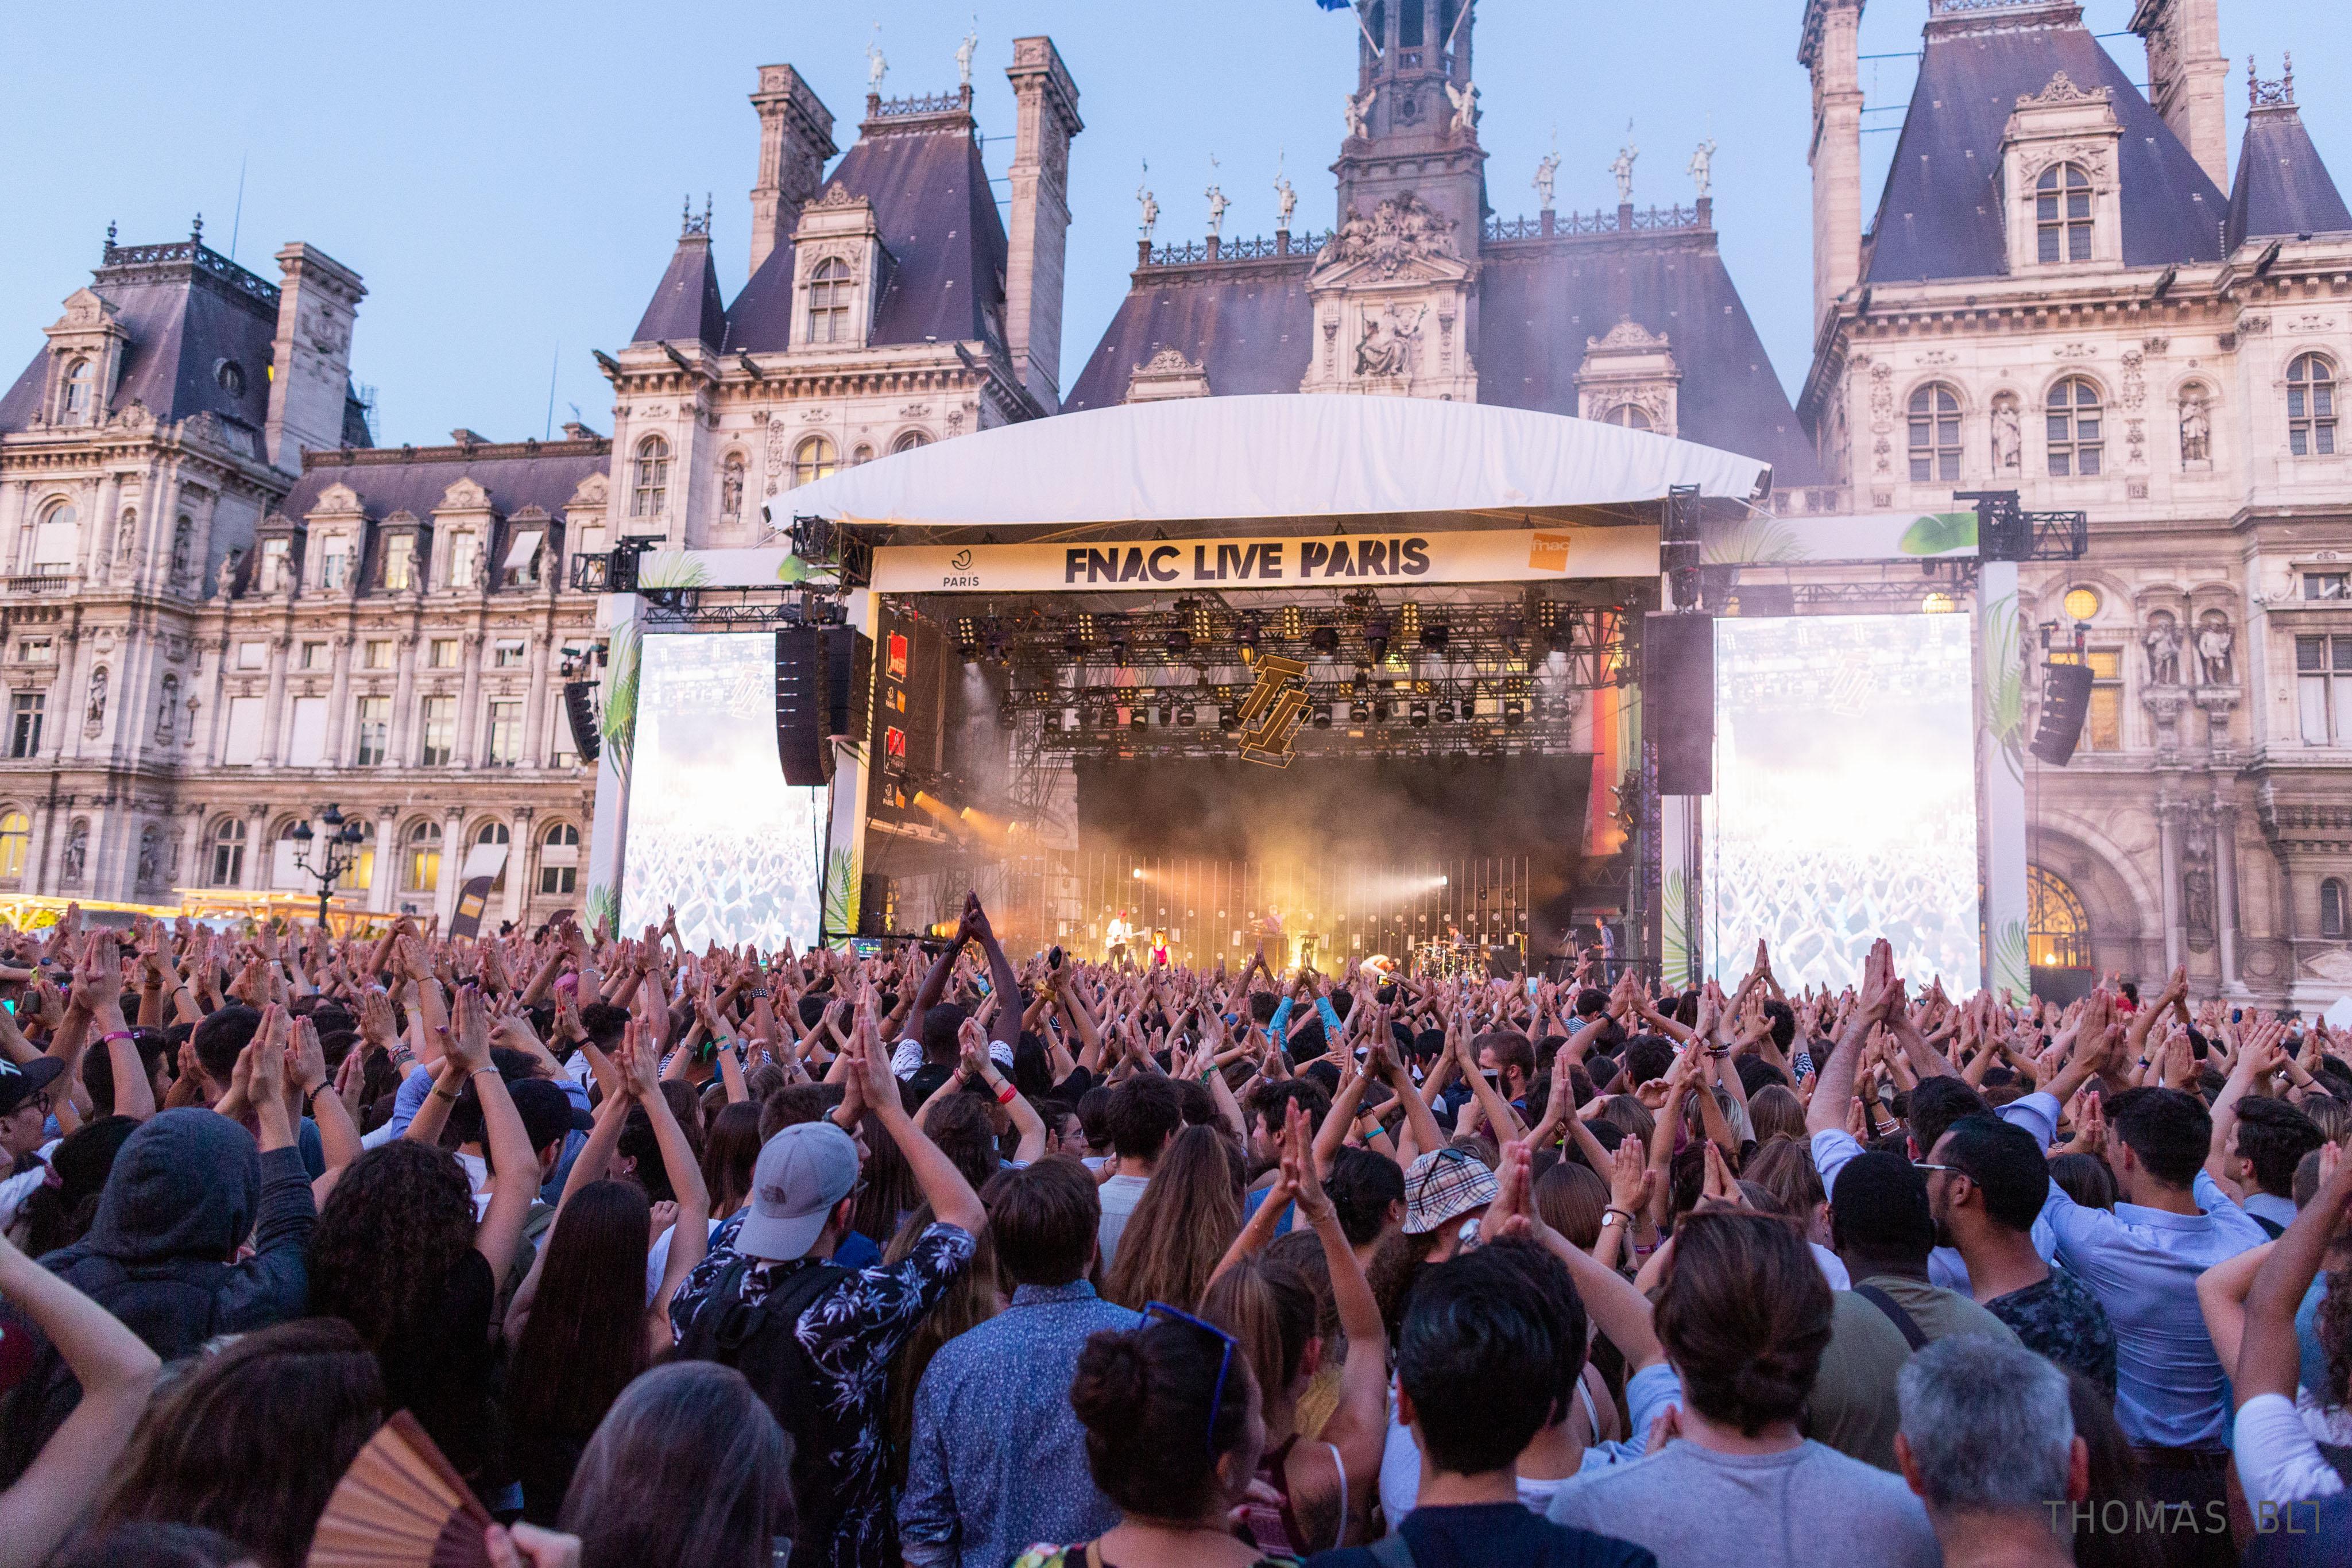 fnac live paris public